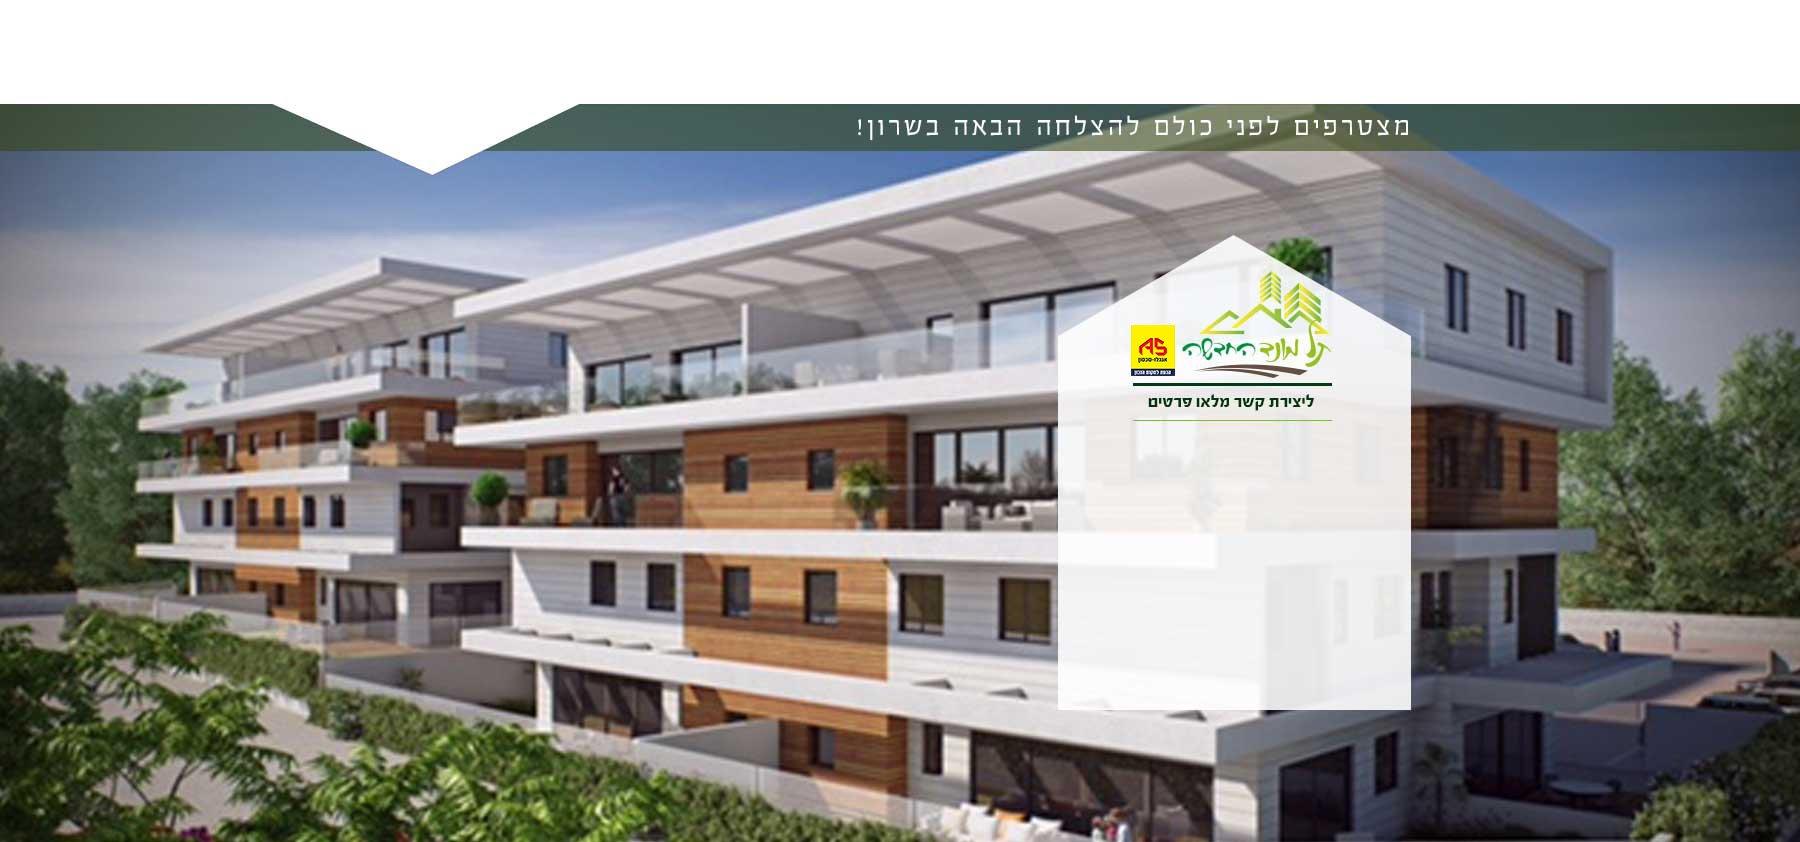 אולטרה מידי דירות למכירה בשרון - תל מונד החדשה פרויקט דירות חדשות בשרון MJ-14